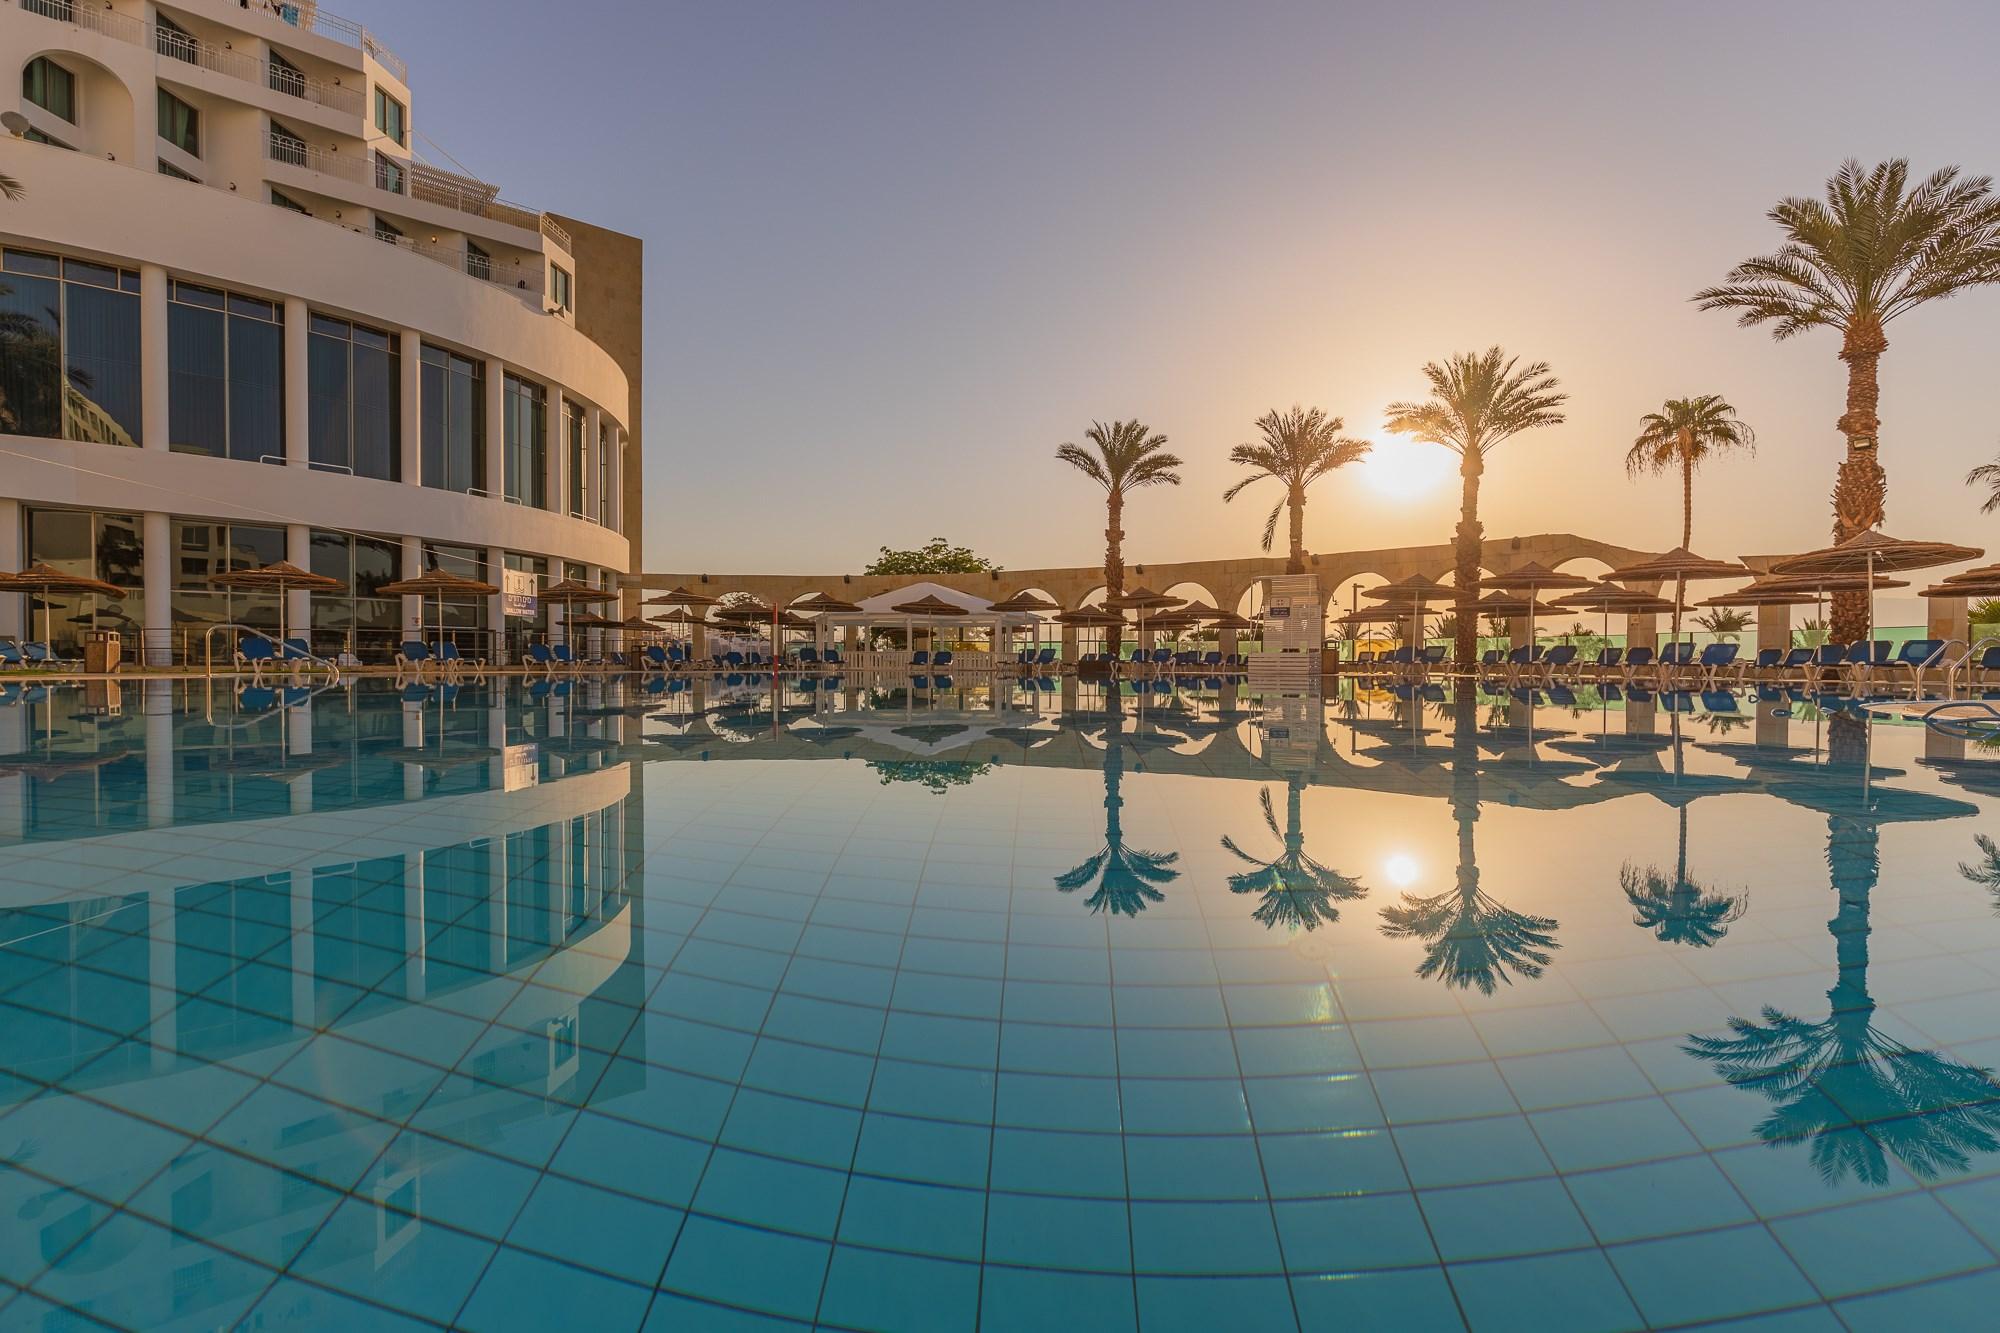 מלון דניאל בים המלח - בריכה בשקיעה